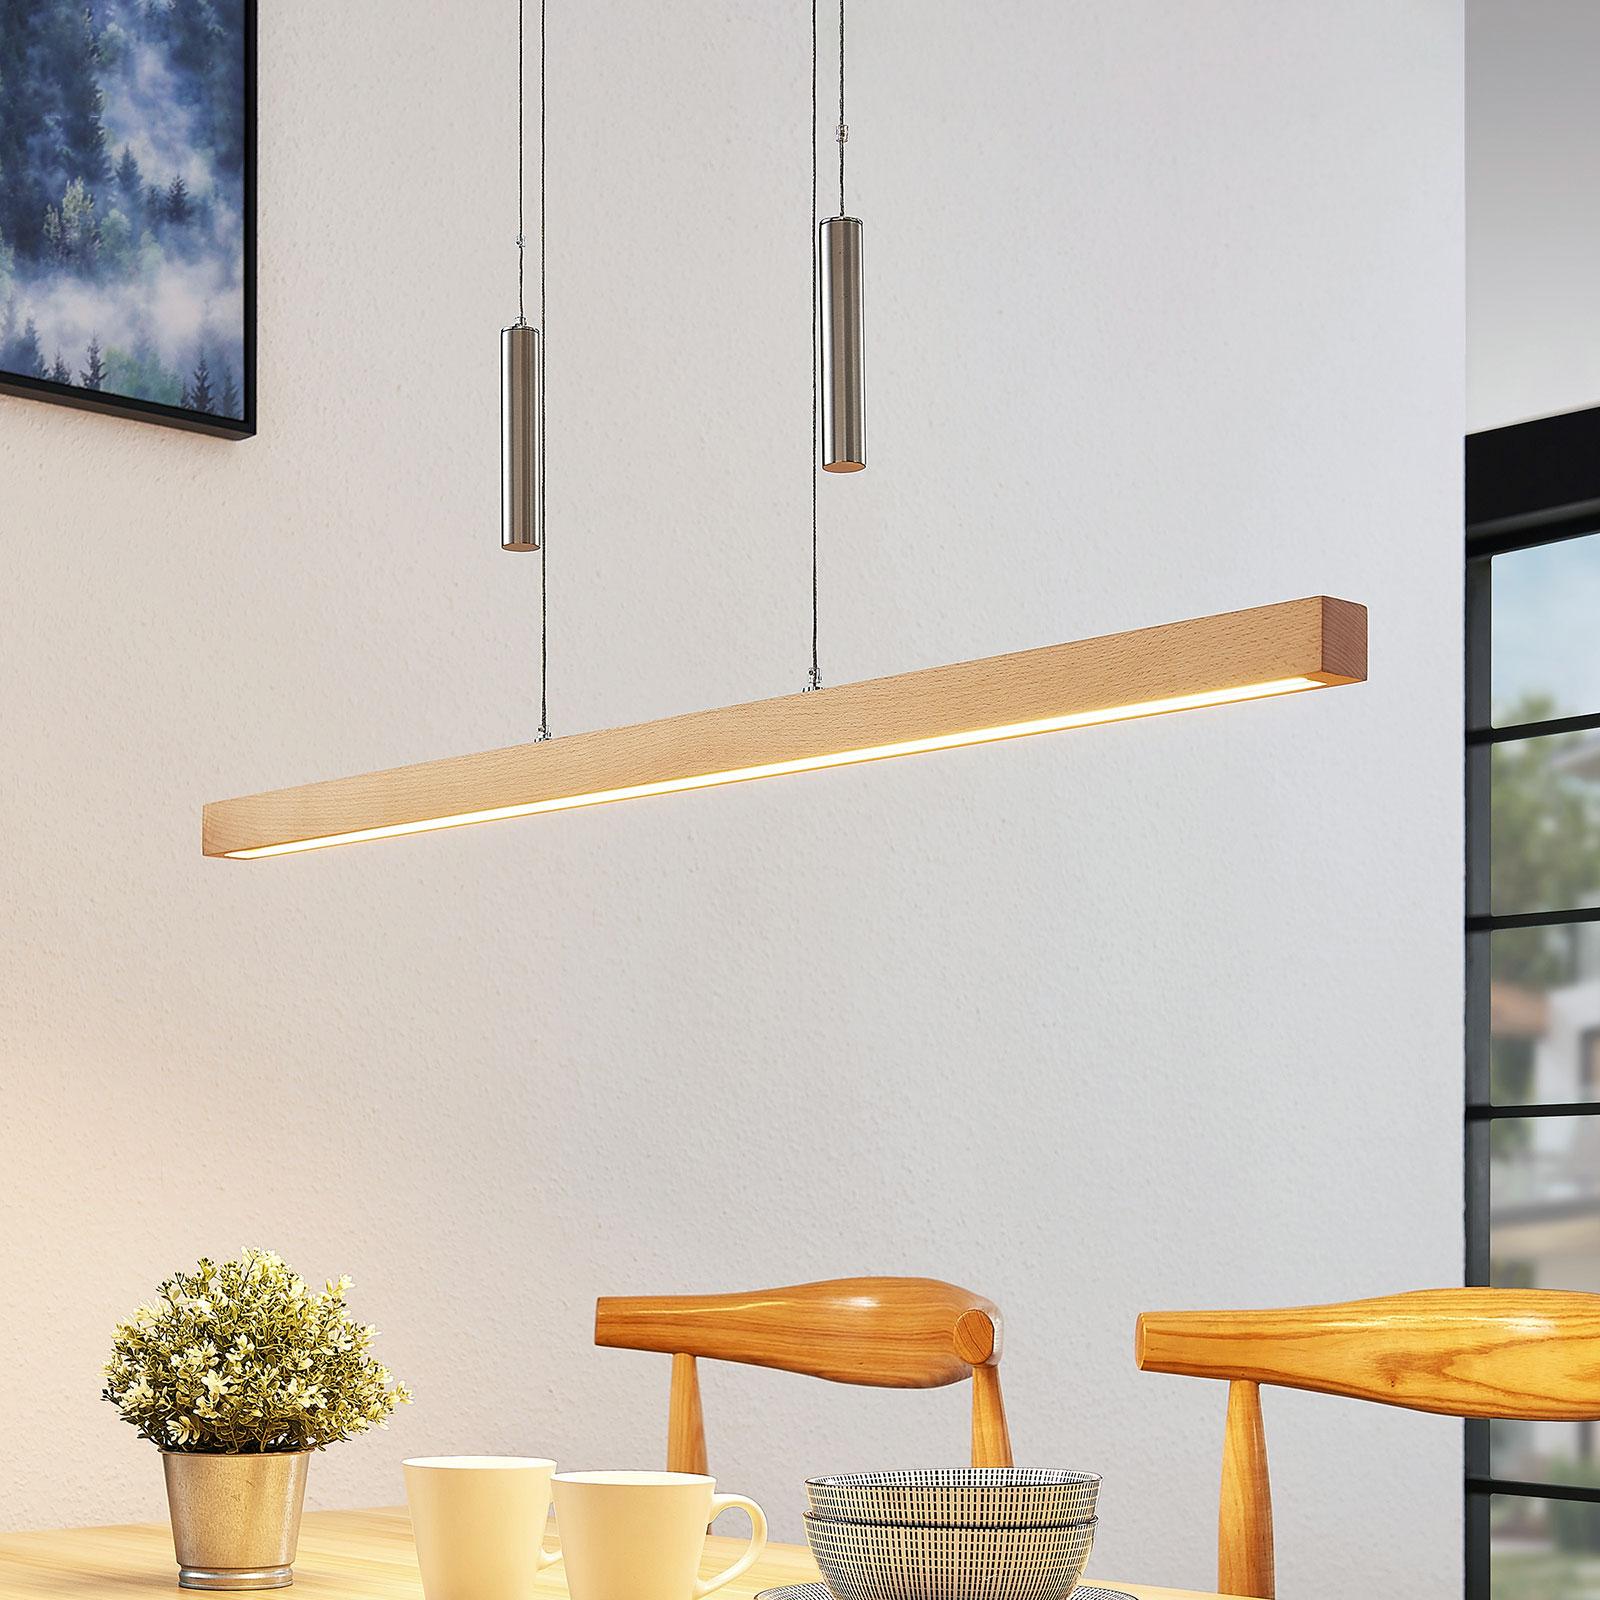 Lampa wisząca LED w formie belki Pia drewno bukowe